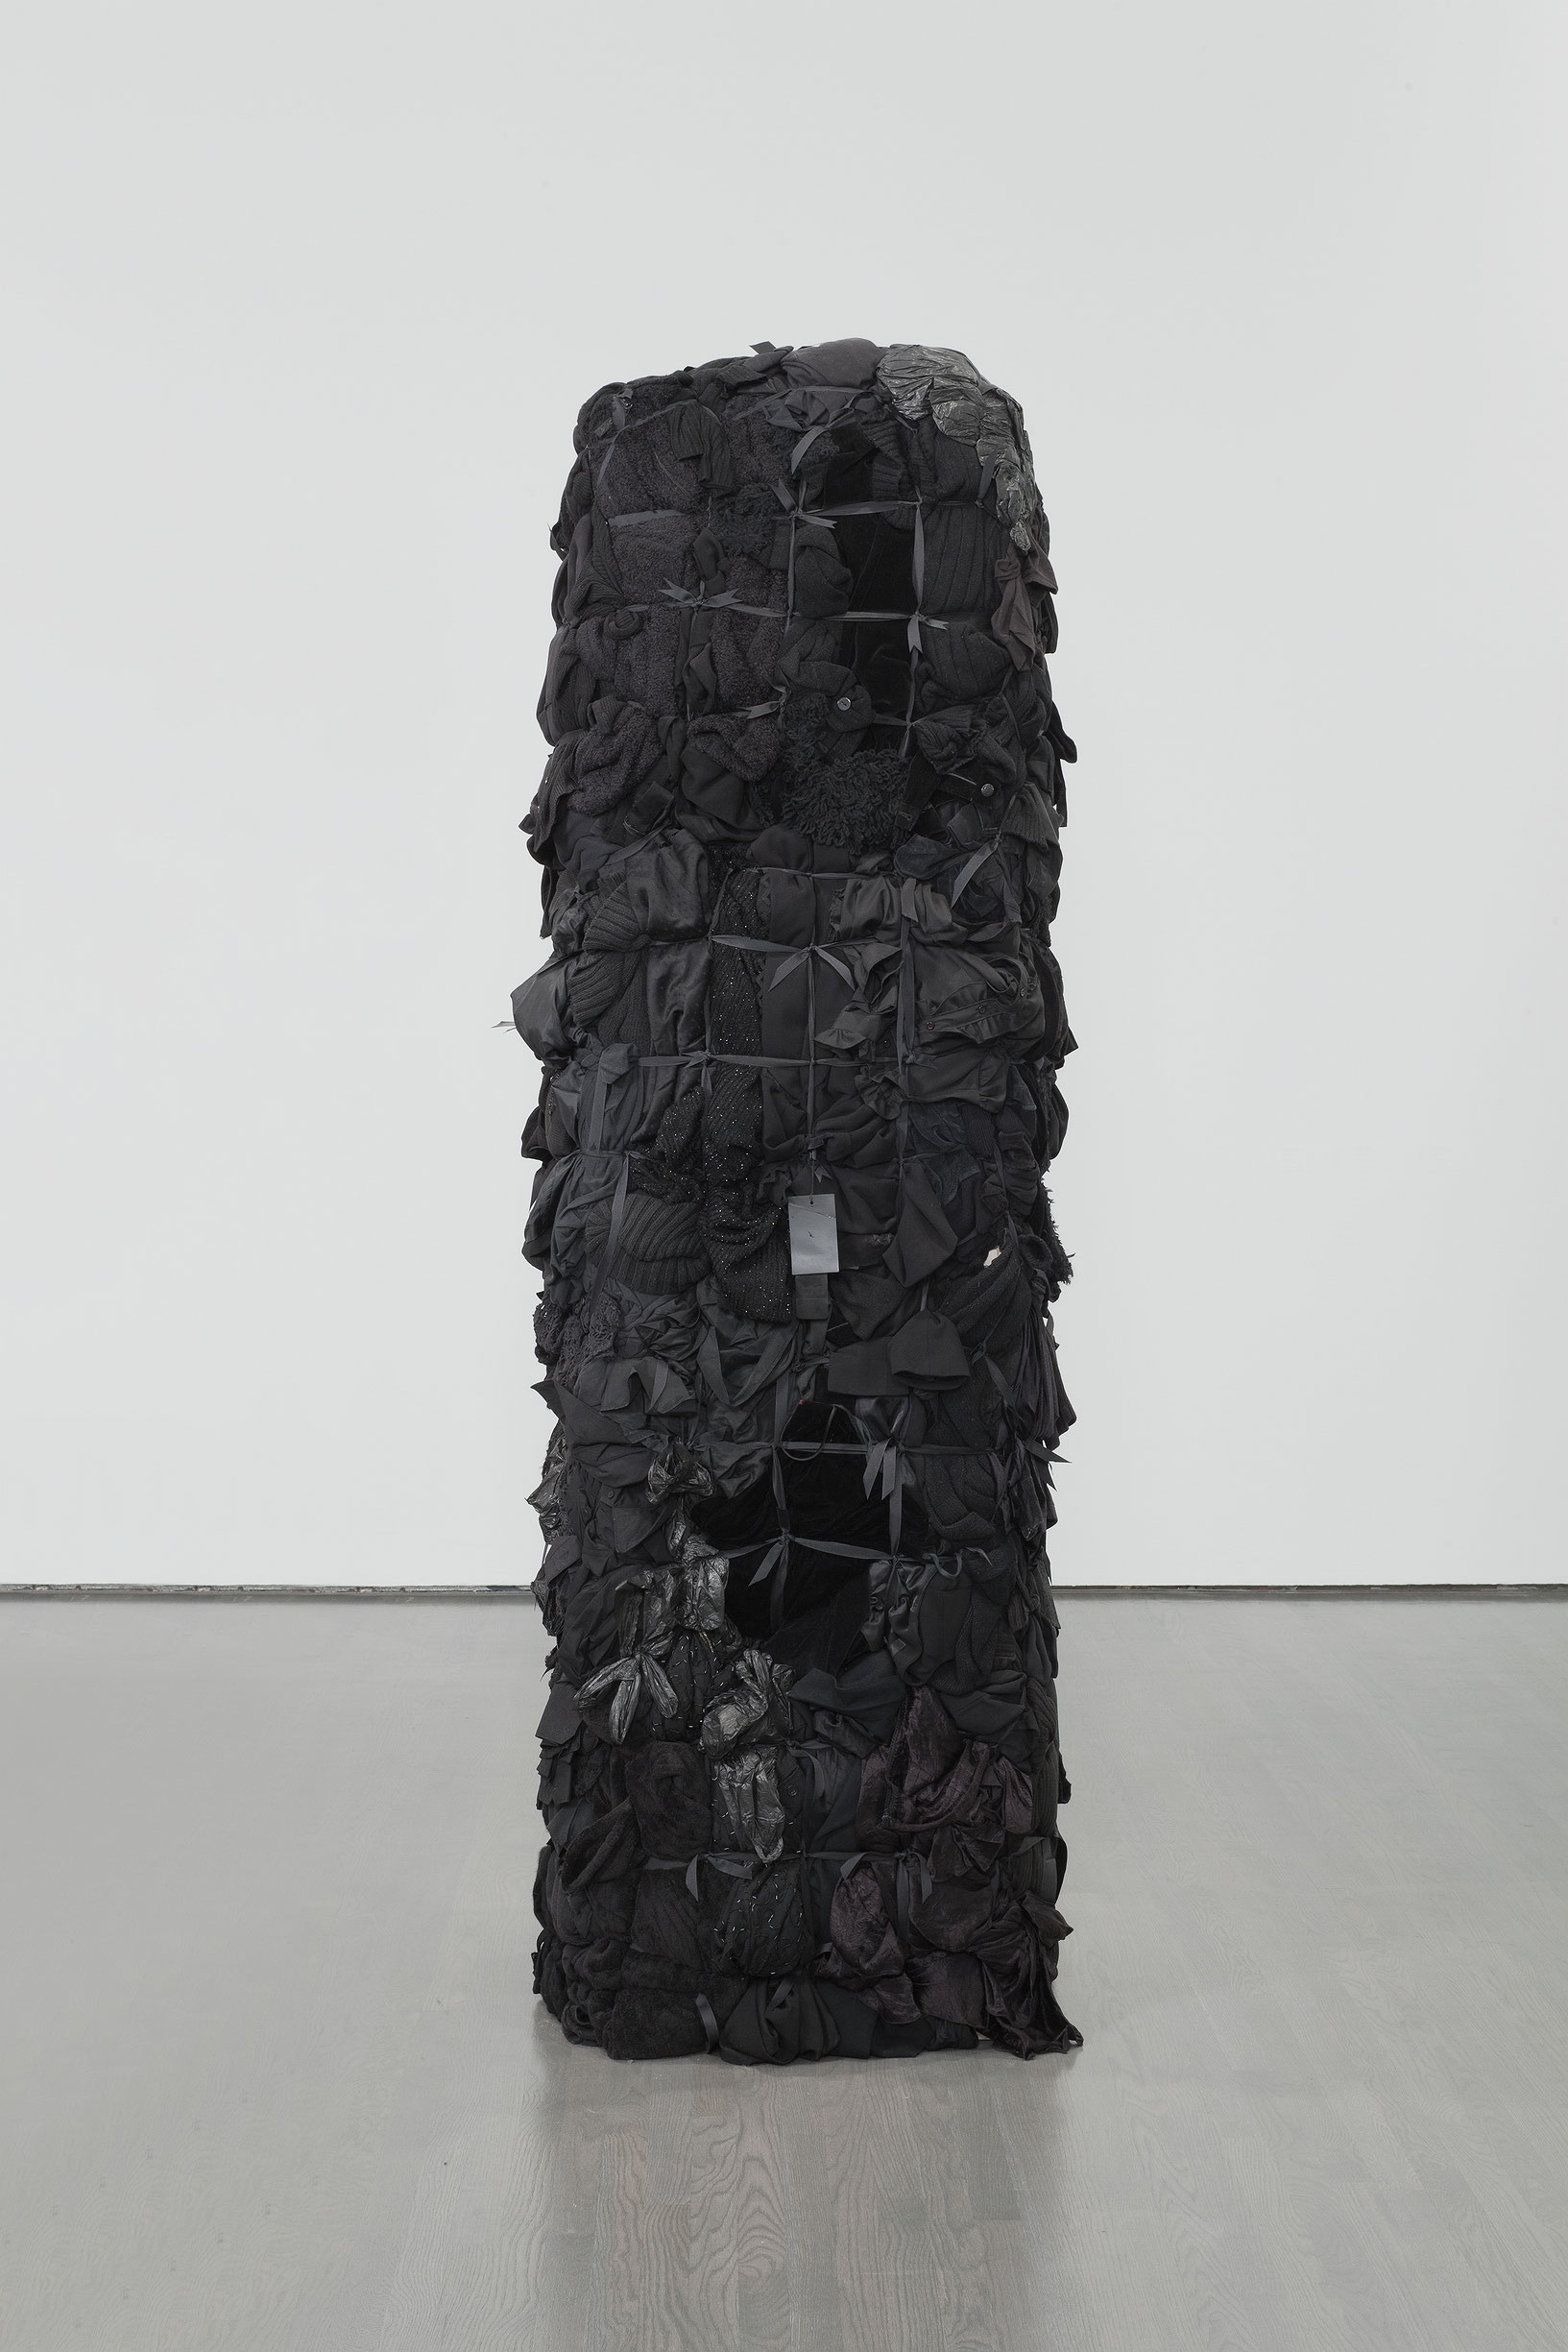 Bale Variant No. 0018 (Black), 2010, Shinique Smith, Vêtements, rubans et bois.